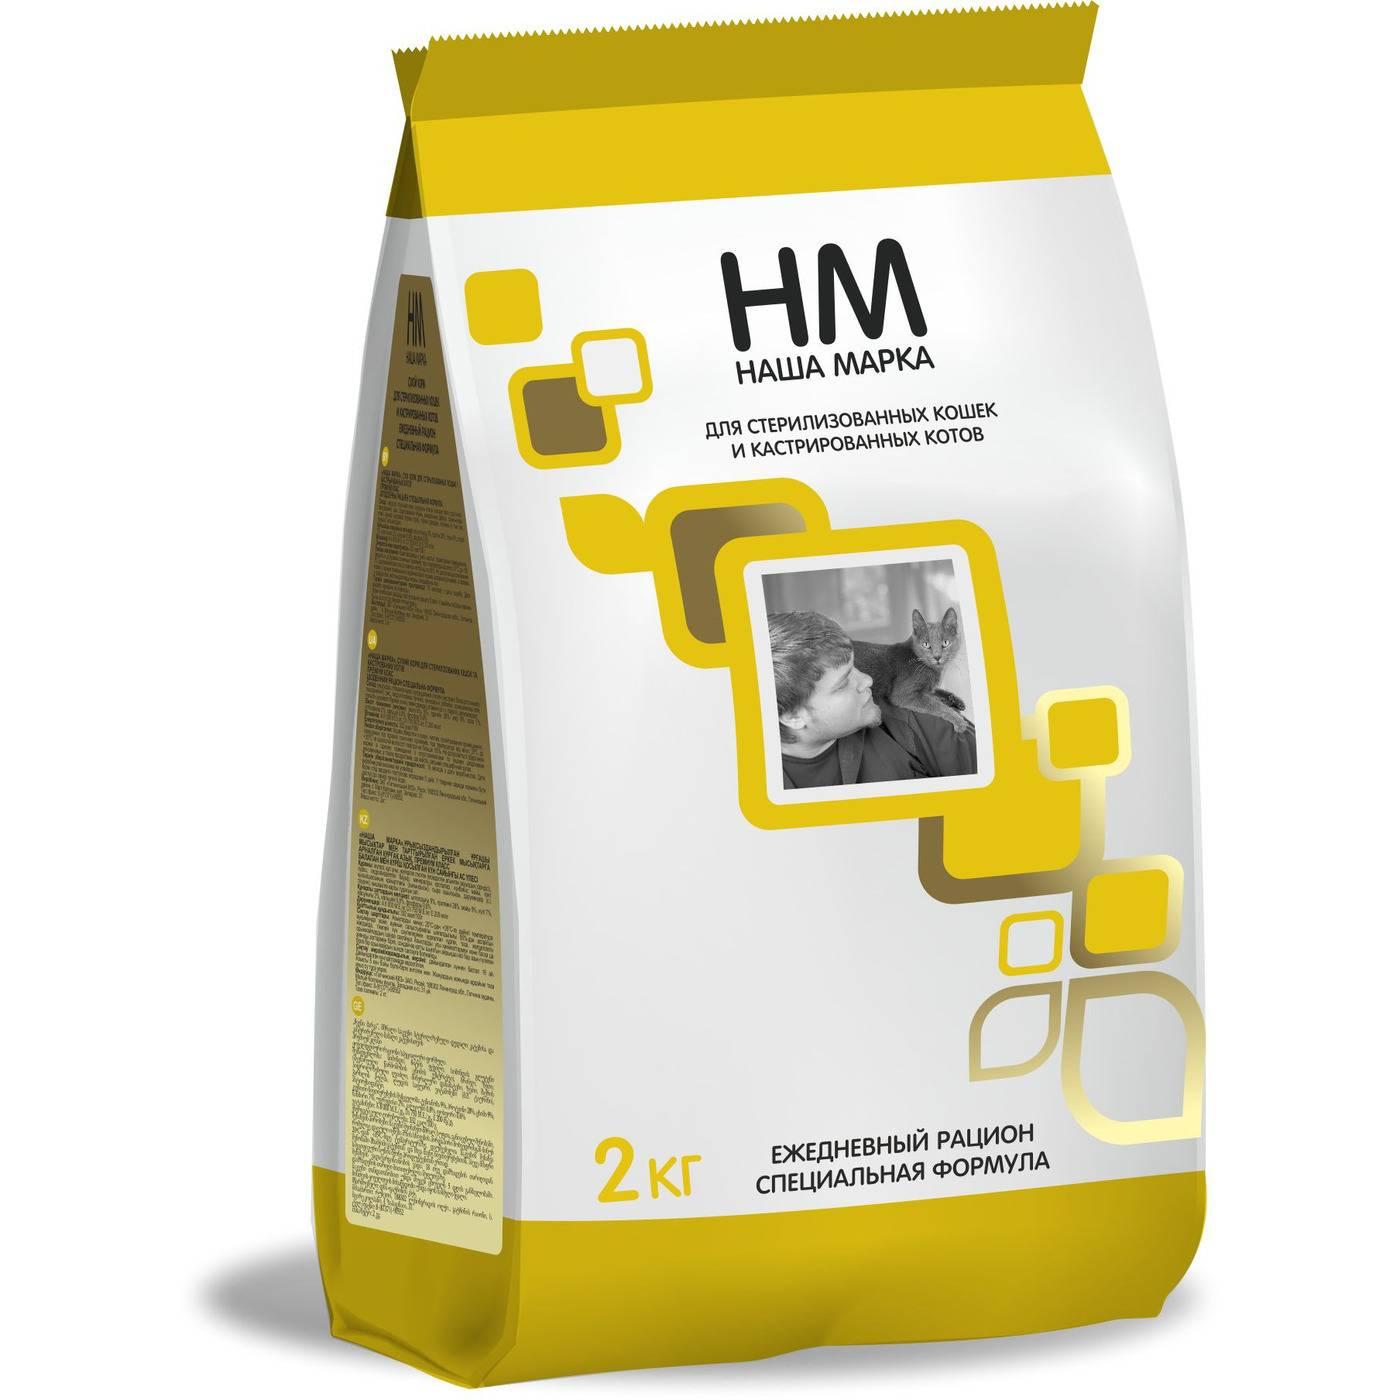 Сухой корм для стерилизованных кошек: рейтинг лучших кормов для кастрированных котов. можно ли выбирать для кастратов корма ниже премиум-класса?